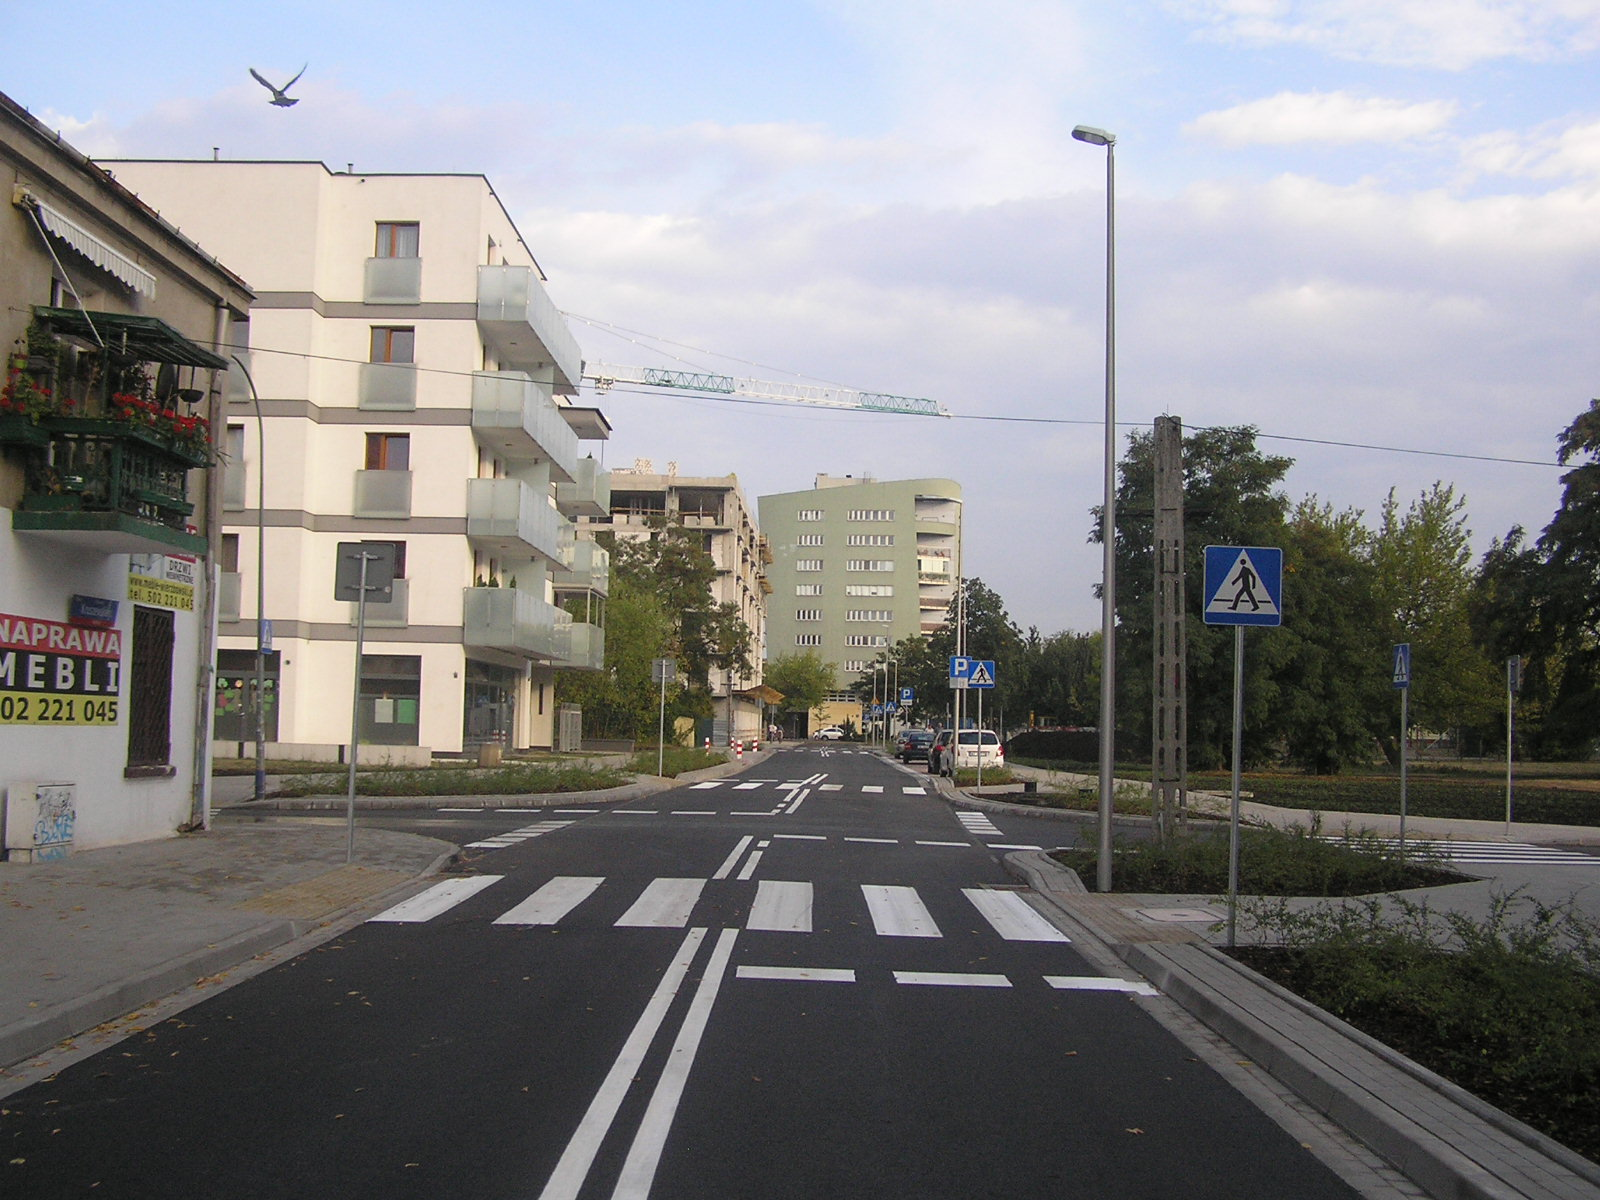 Ulica Kruszewskiego